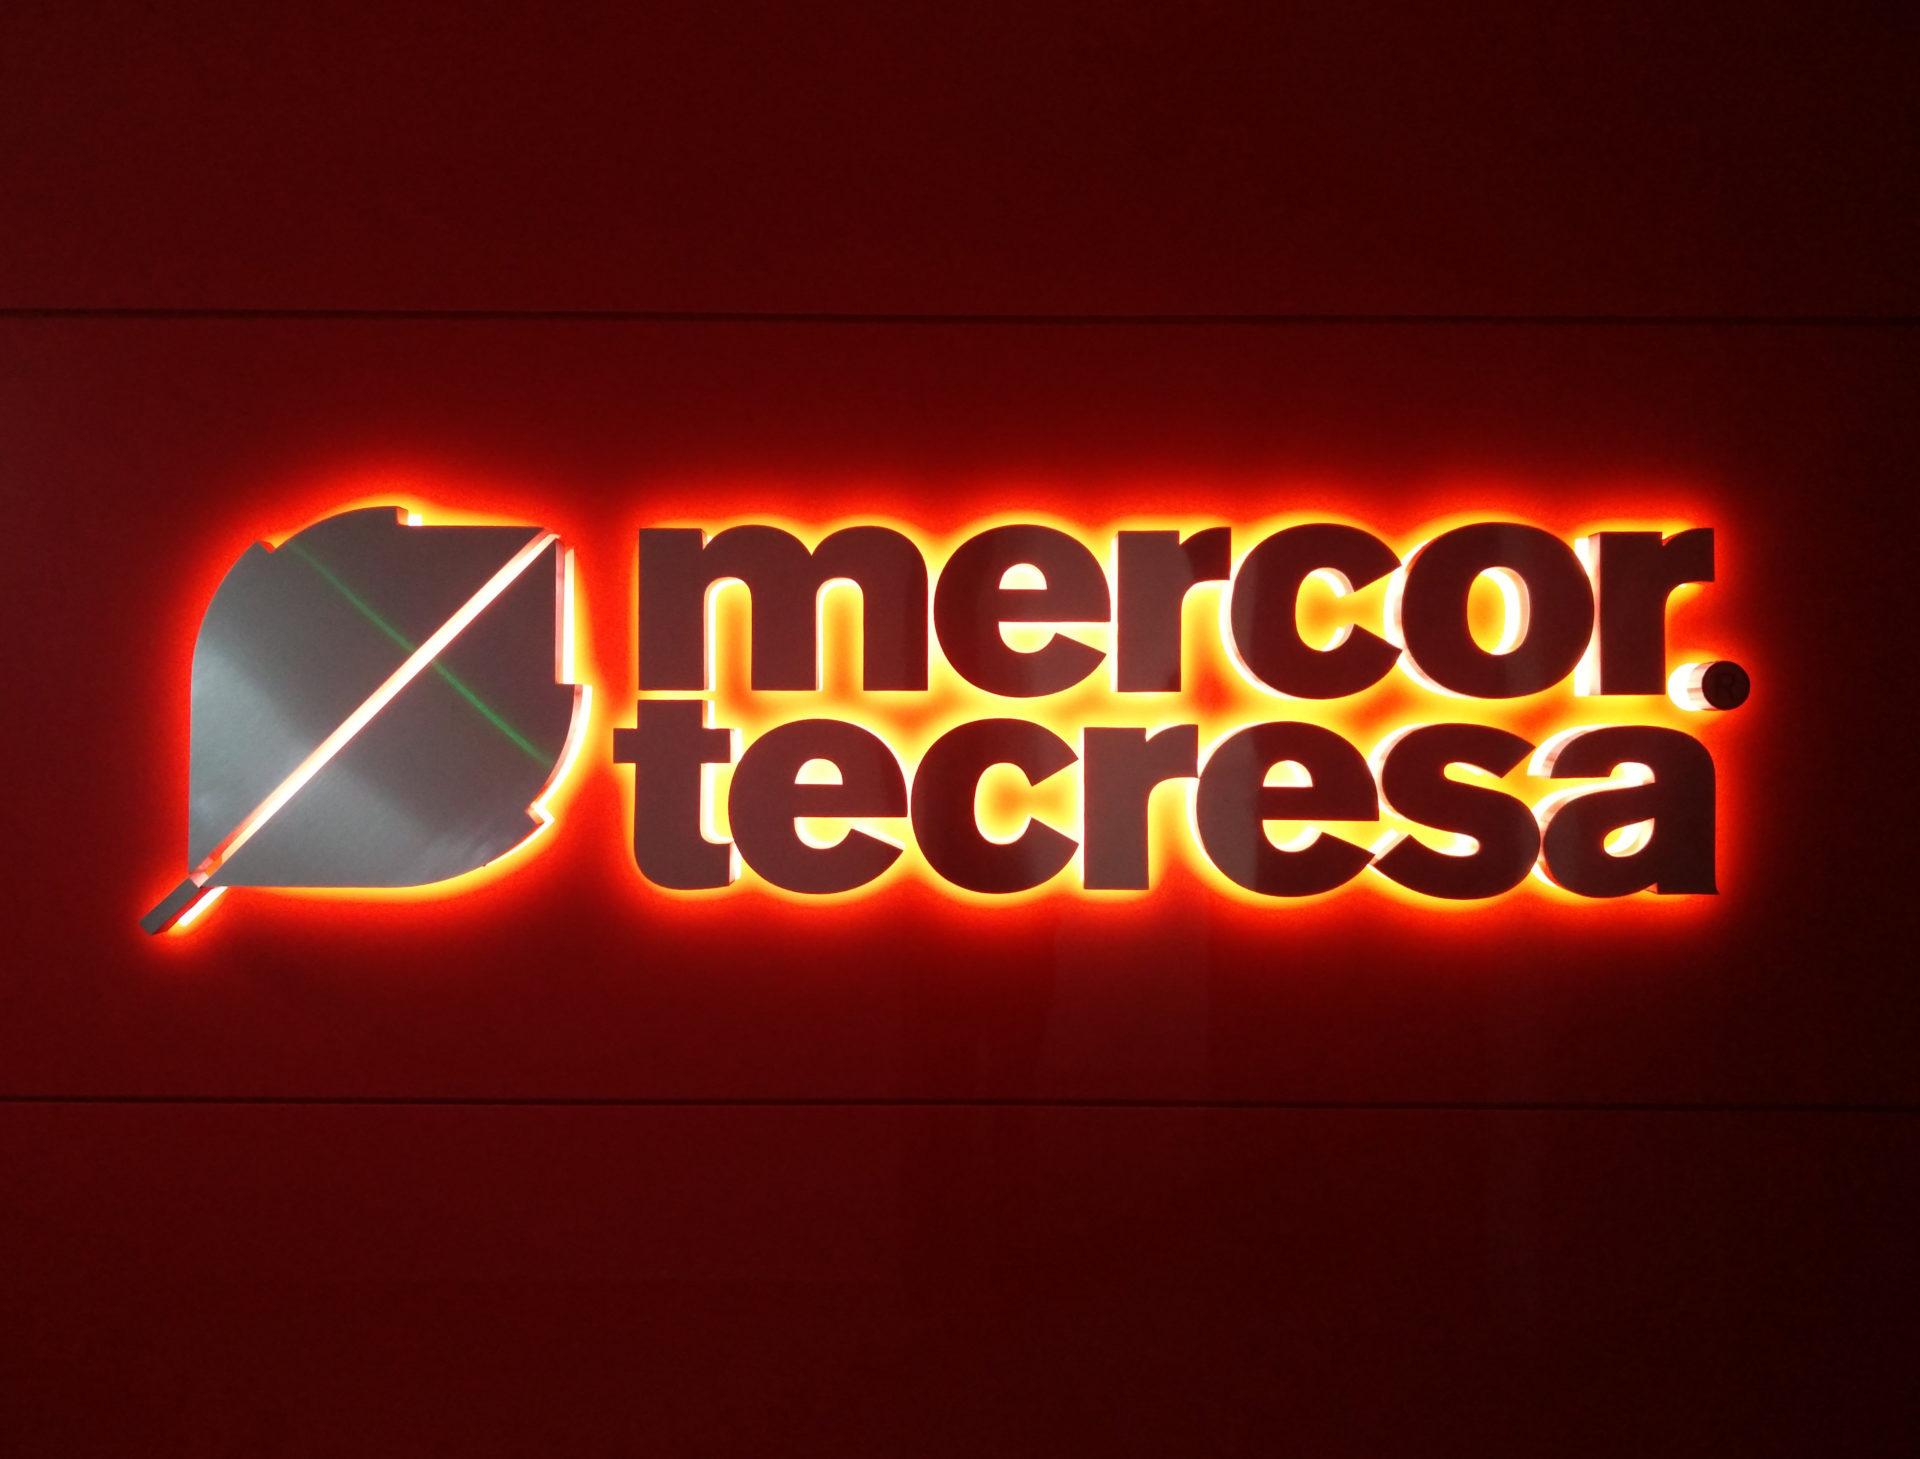 mercor-tecresa-logo